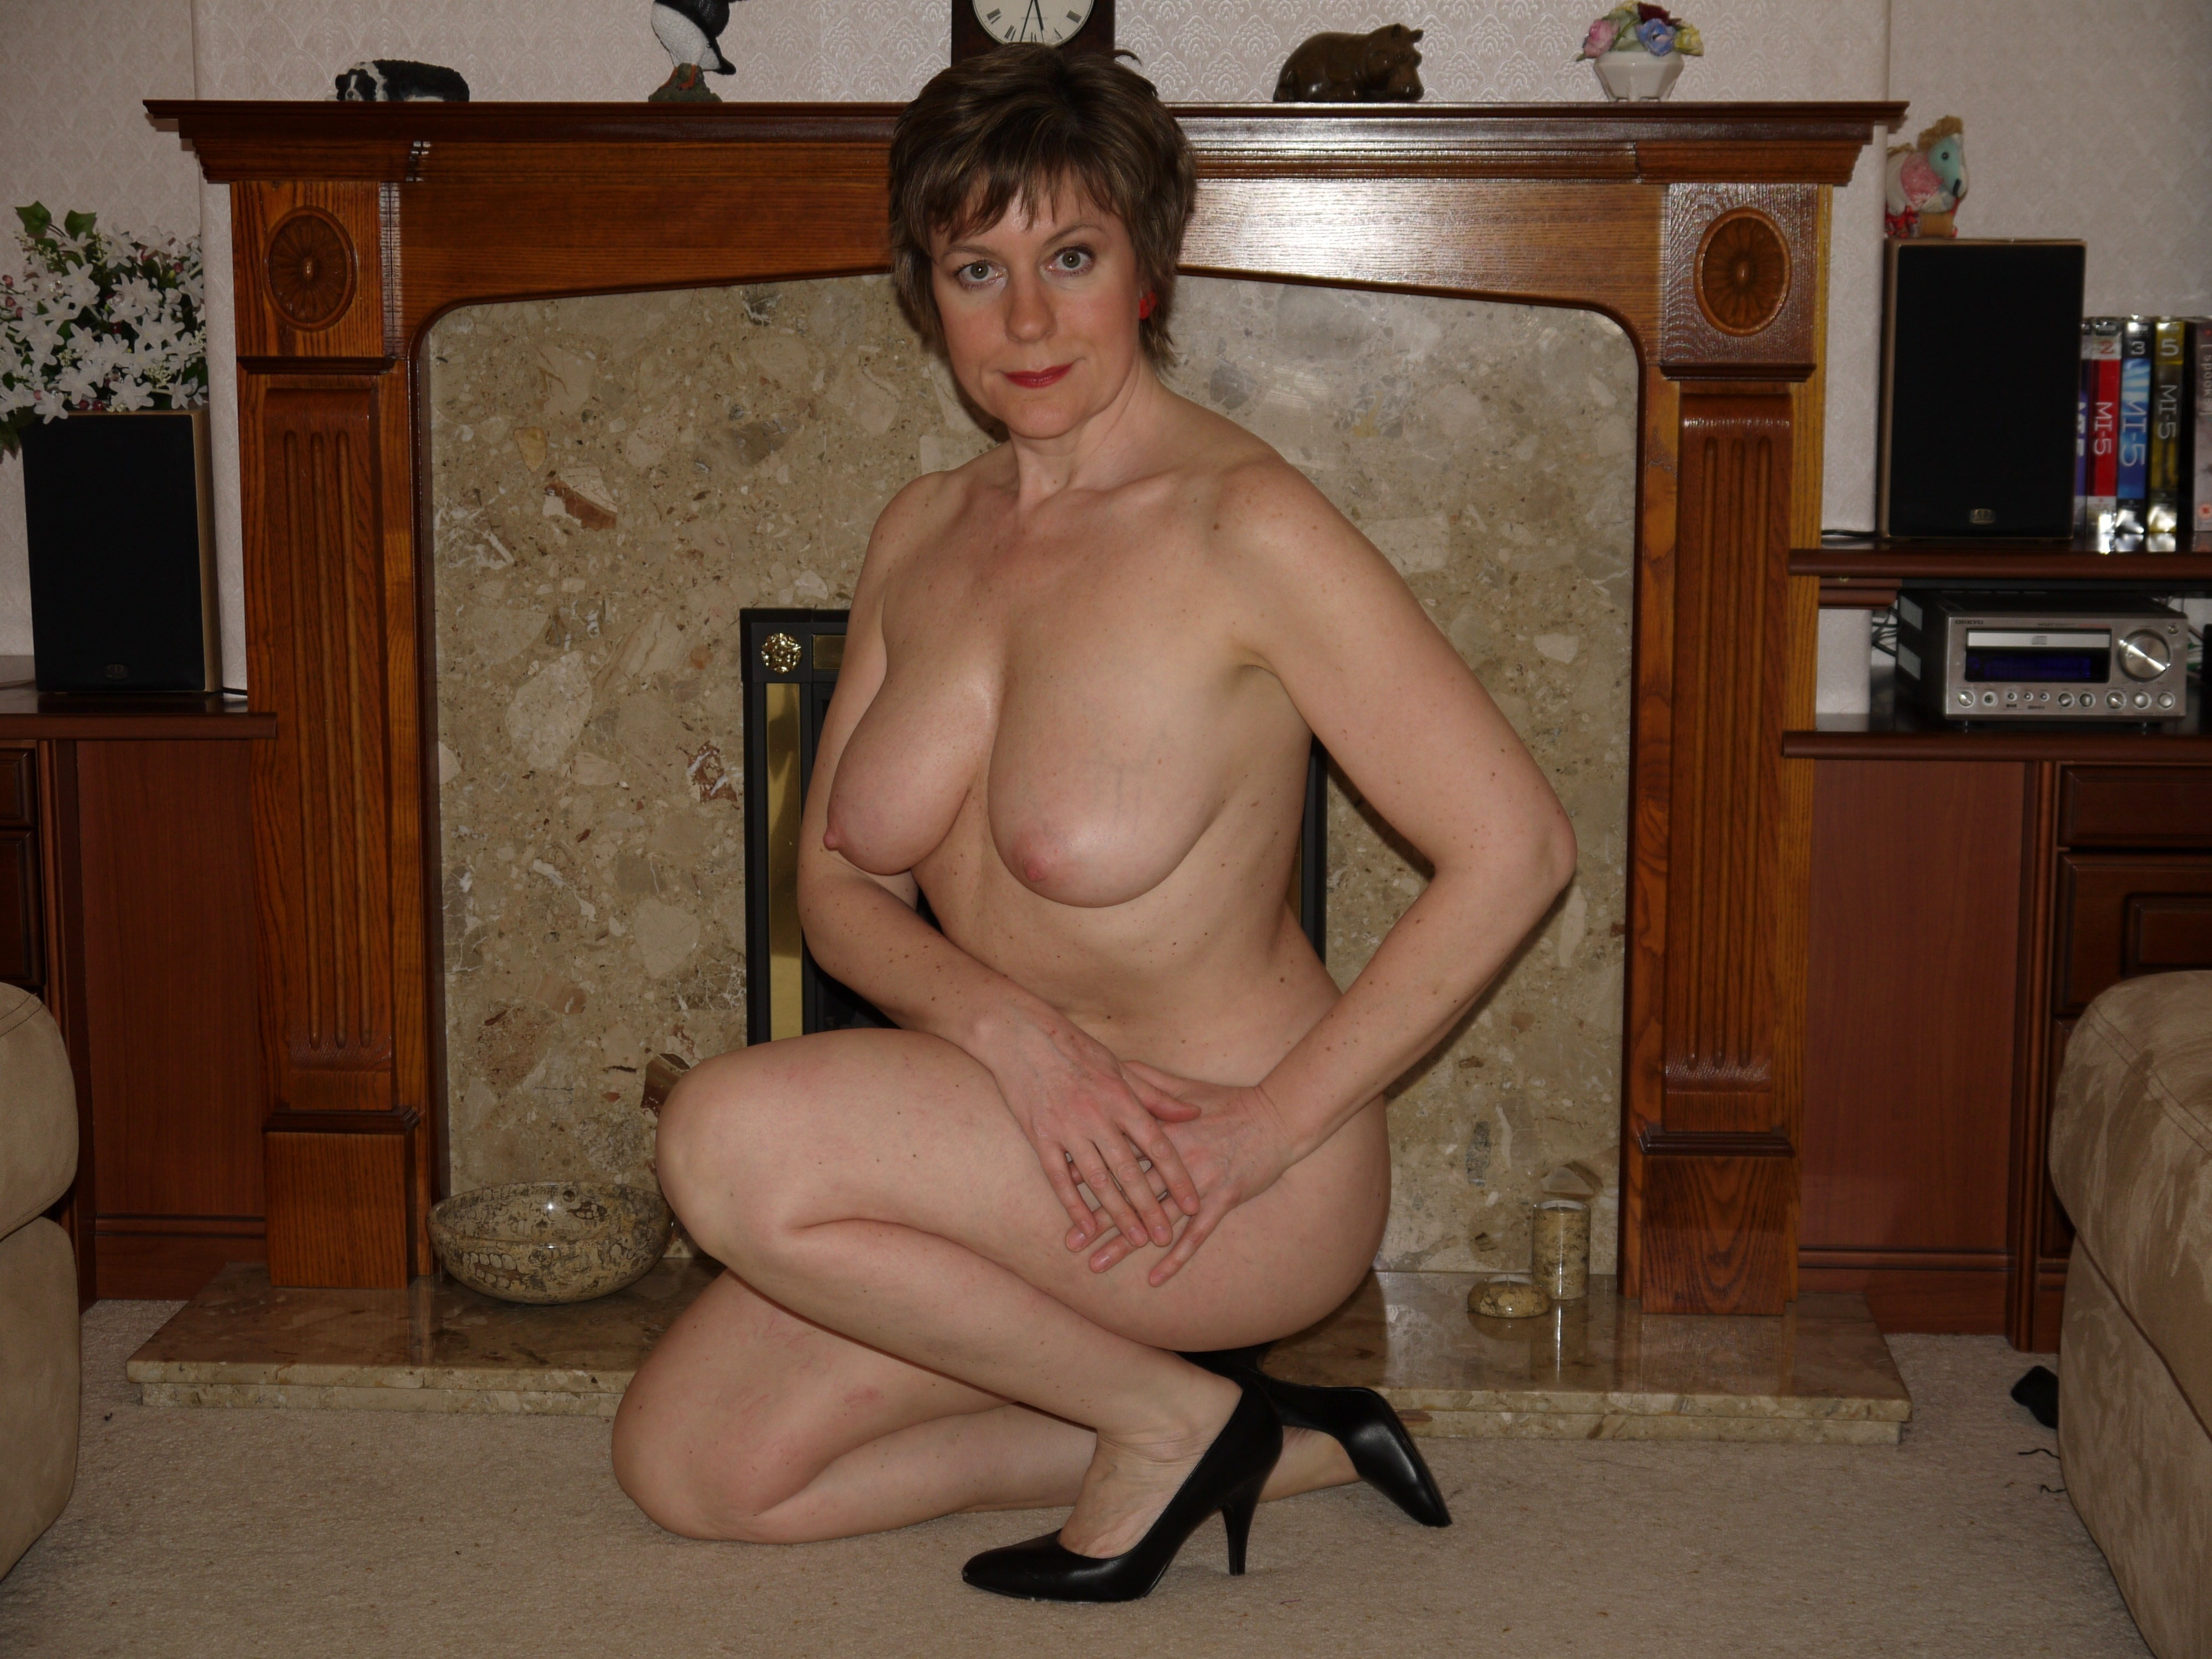 Смотреть голые зрелые девушки бесплатно, Зрелые женщины порно видео, женщины в возрасте 10 фотография